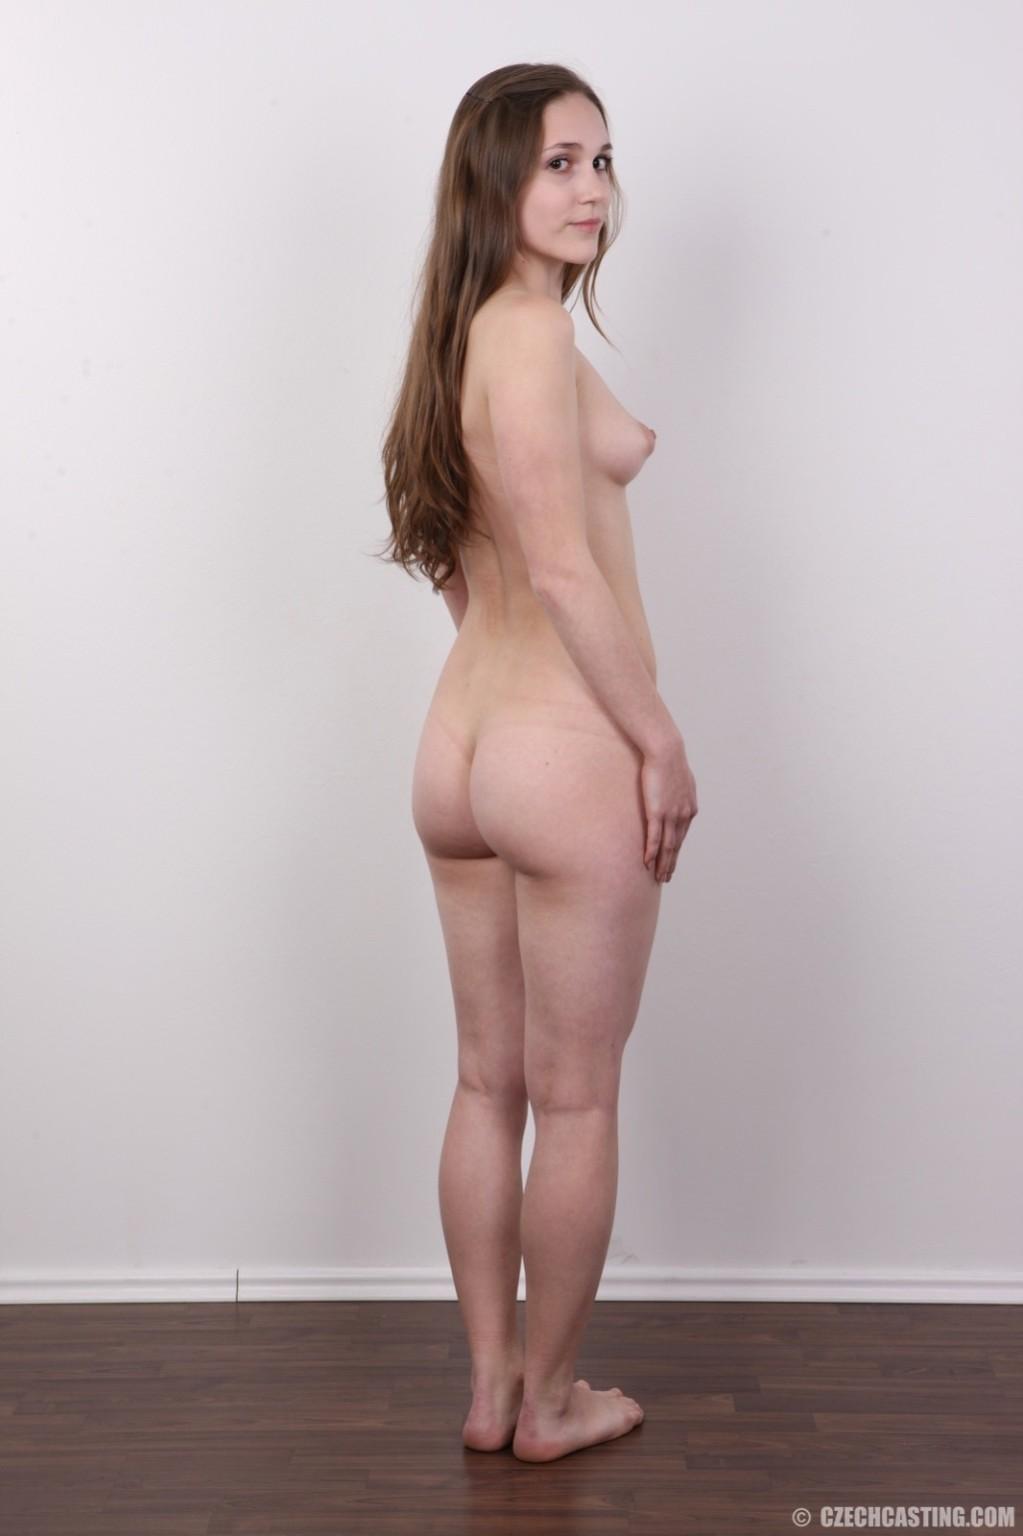 Без теплых колгот и скромного закрытого платья эта девушка сразу превращается в сексуальную красотку